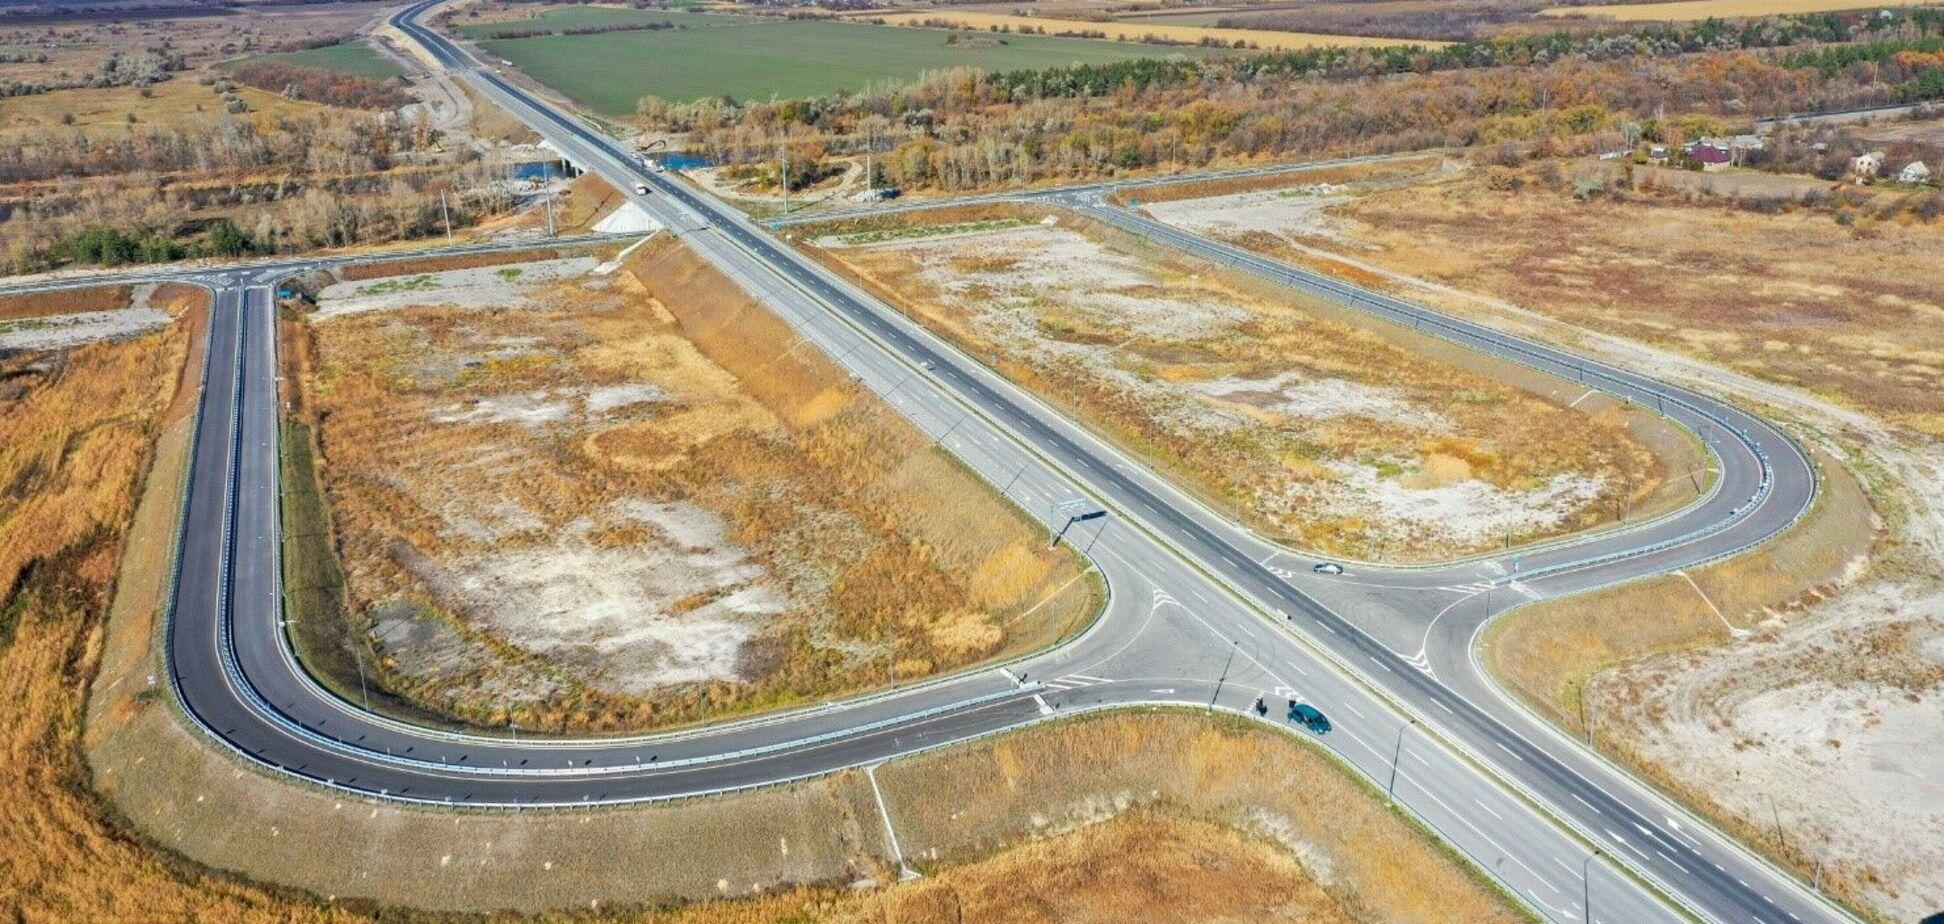 На Дніпропетровщині цілодобово триває 'Велике будівництво' нової траси Н-31: як вона виглядає